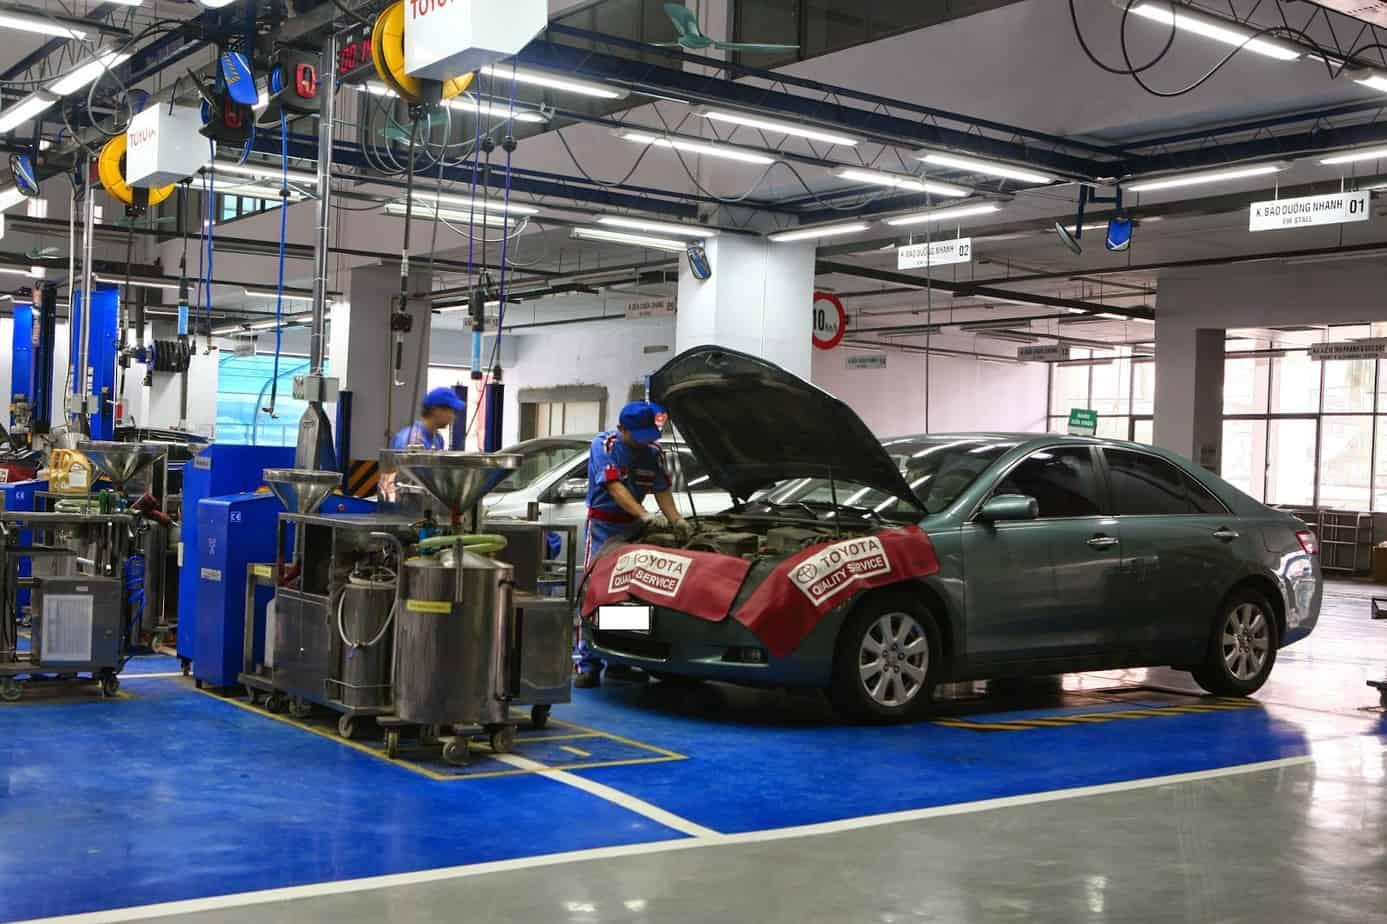 Bạn cần đưa xe tới garage uy tín để được khắc phục lỗi hệ thống phun xăng điện tử của xe Chrysler